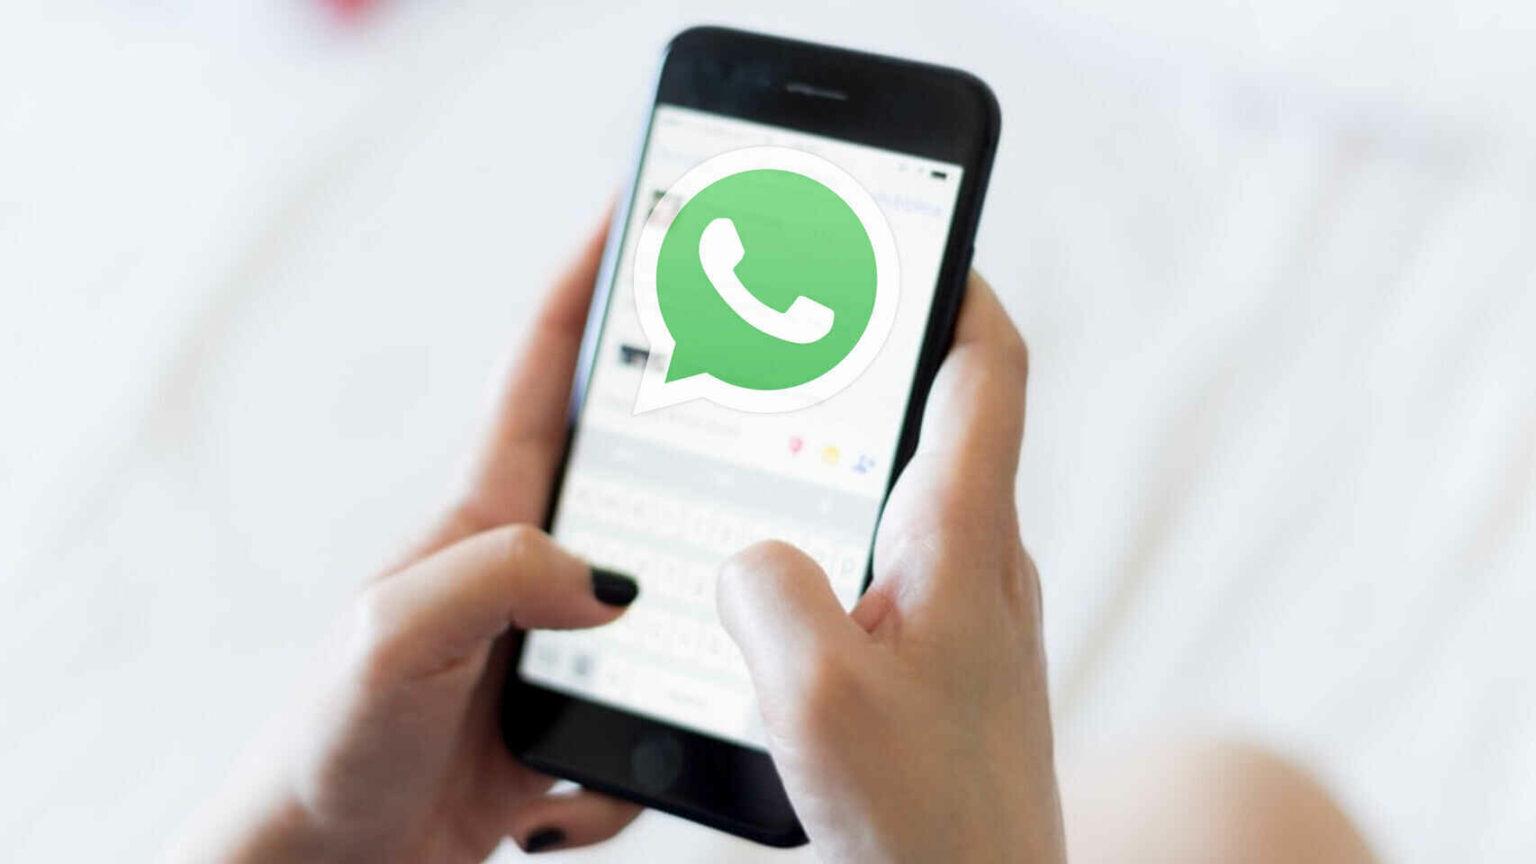 Quem espiona você no WhatsApp? Saiba o truque para descobrir